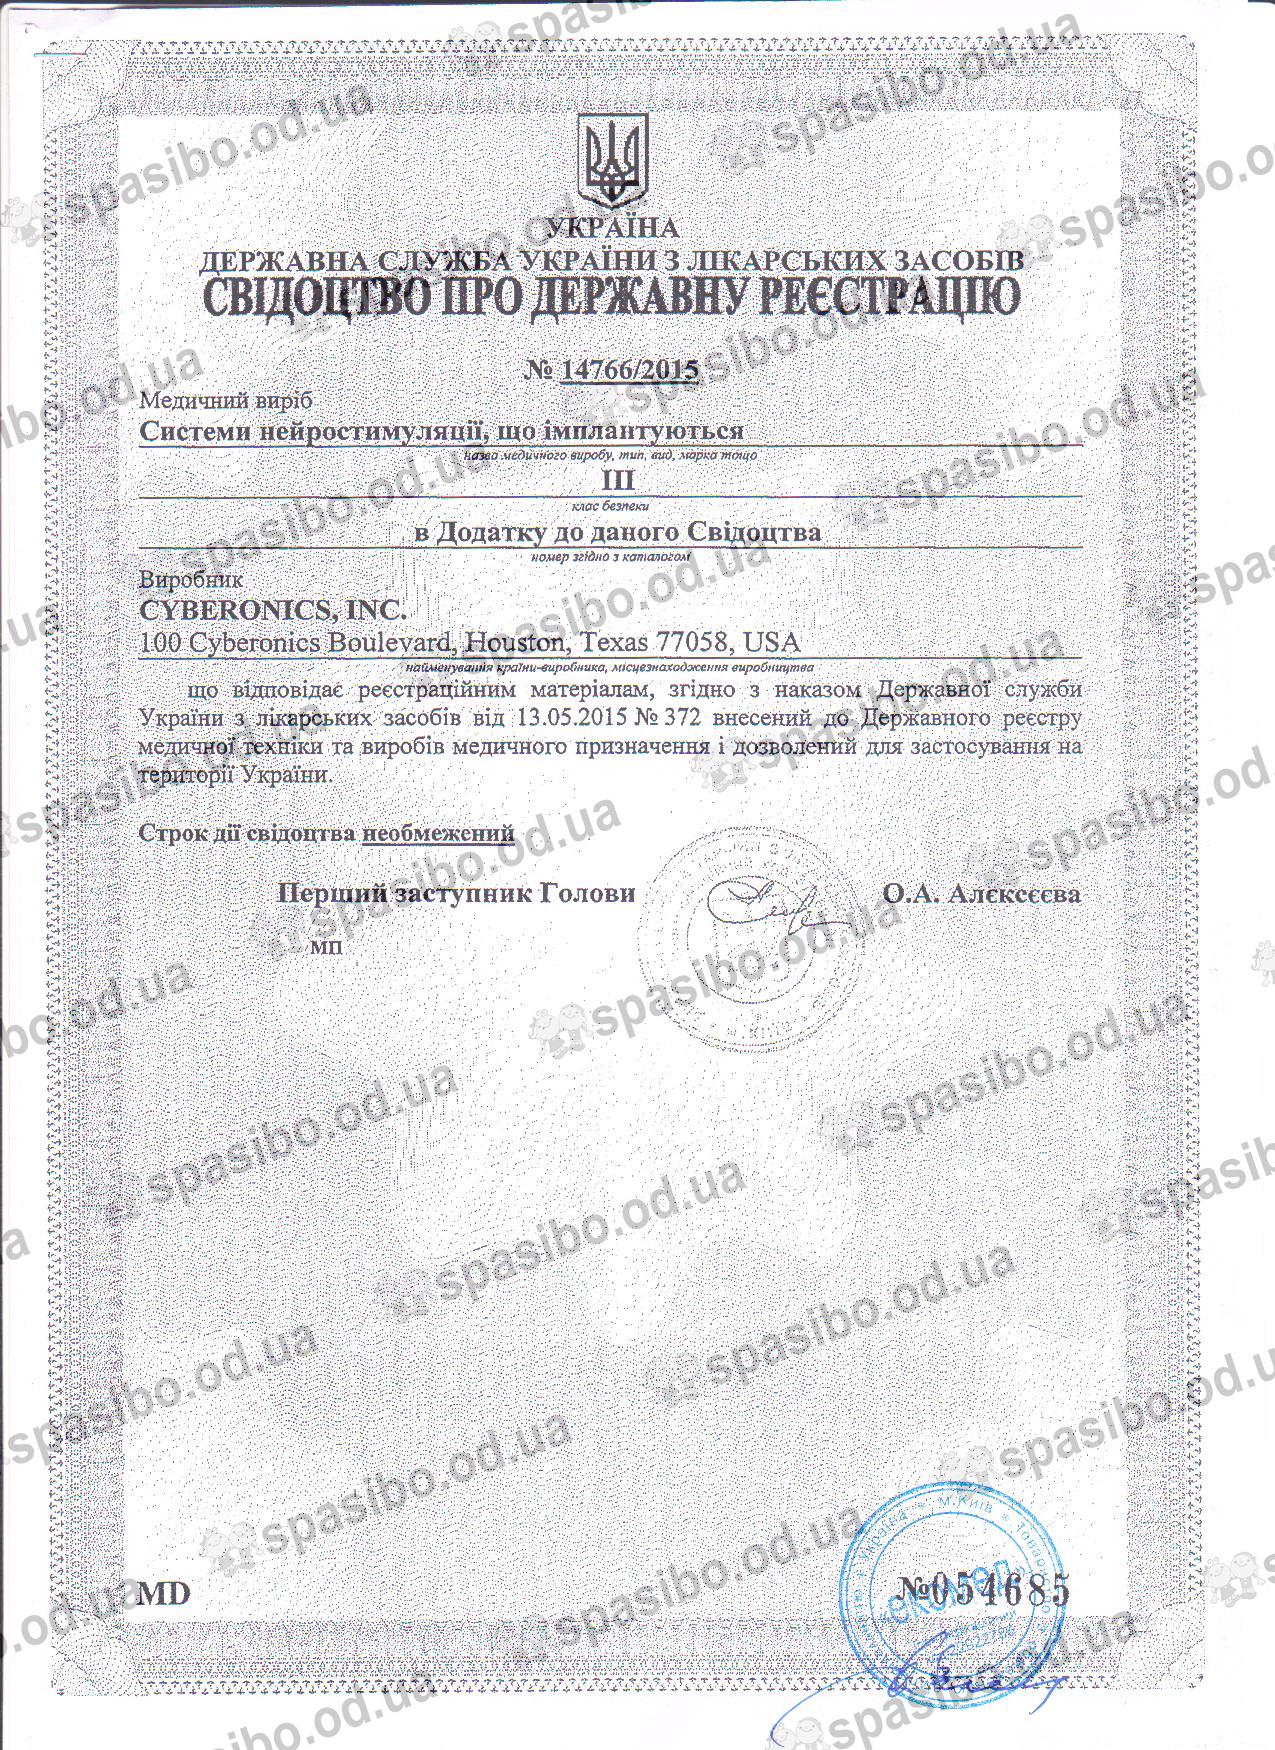 Св-во про держ. реєстрацію лікарских засобів 001